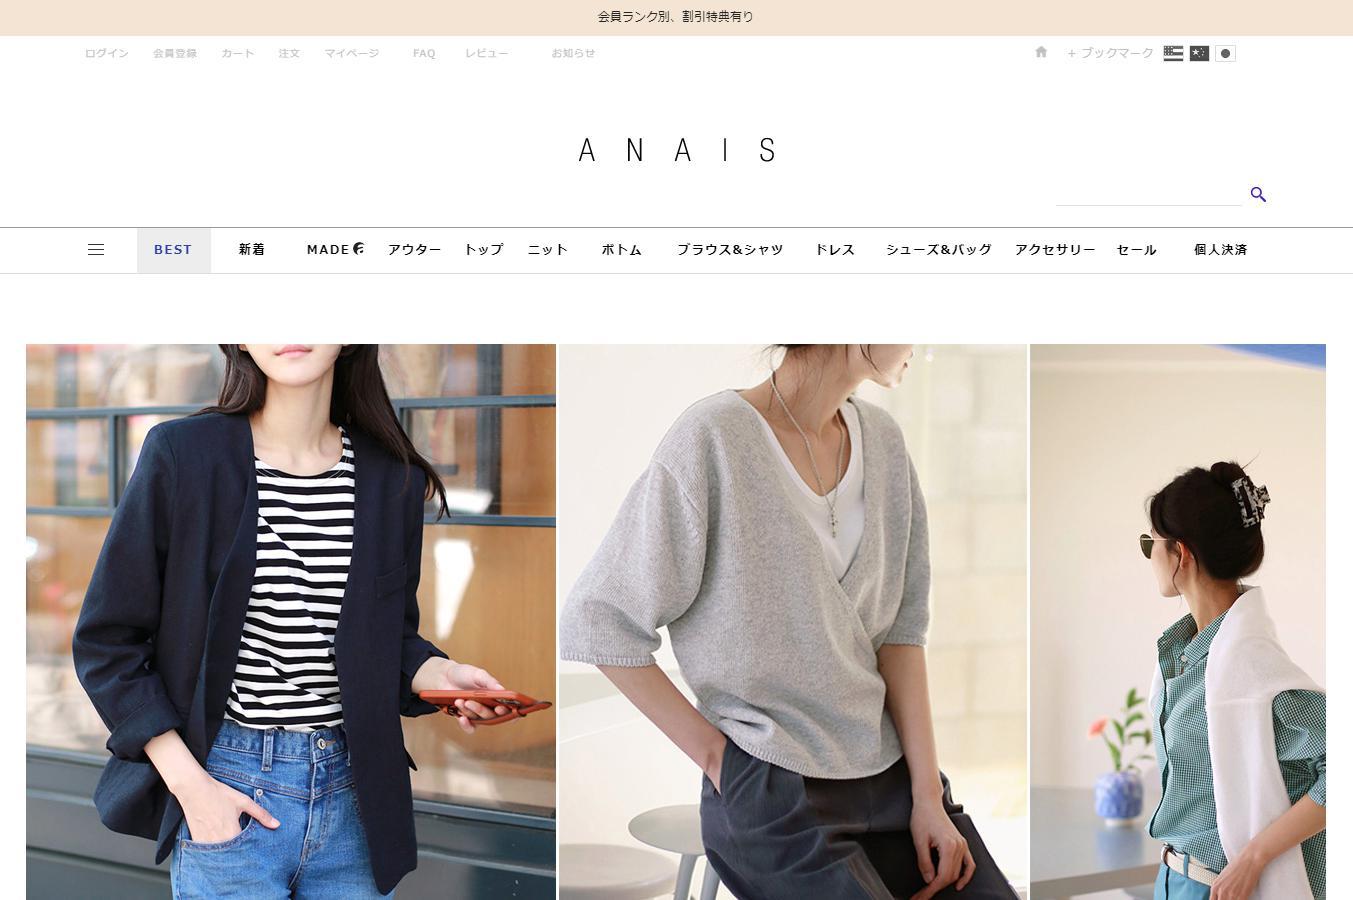 大人女性におすすめなシンプルナチュラルな韓国通販サイトANAIS公式サイトのトップページキャプチャ画像